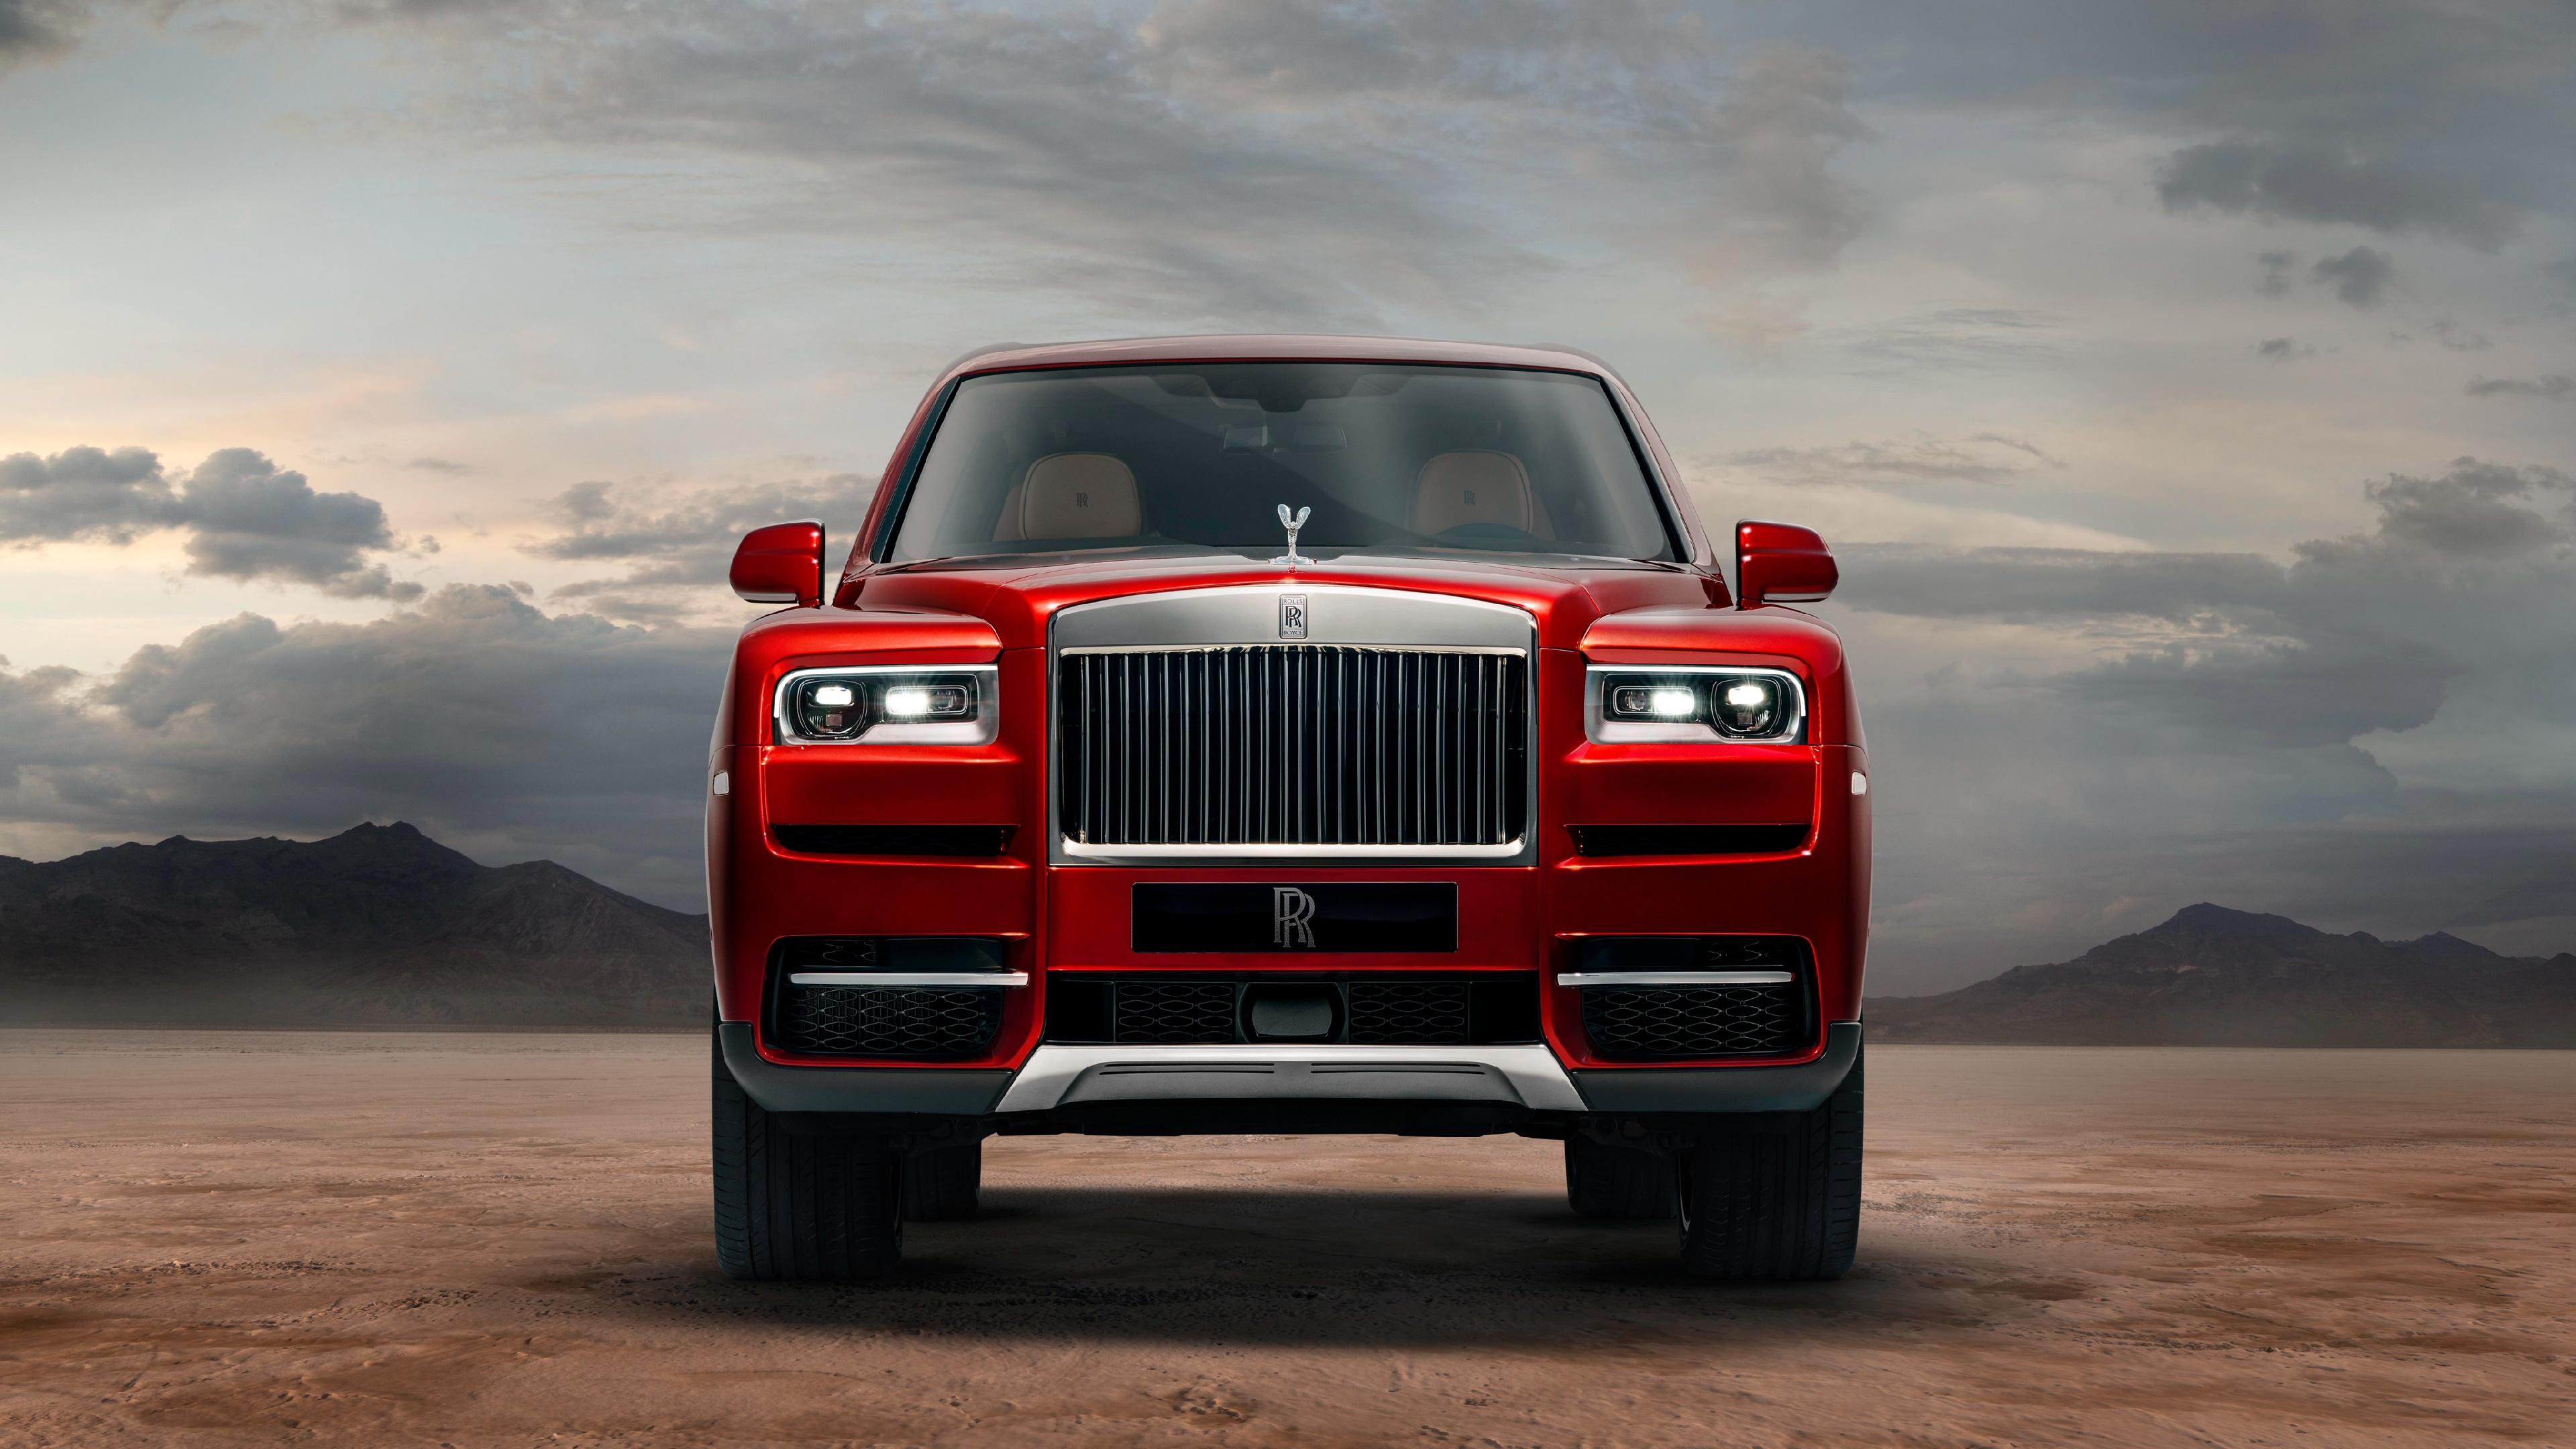 2019 Rolls-Royce Cullinan wallpaper